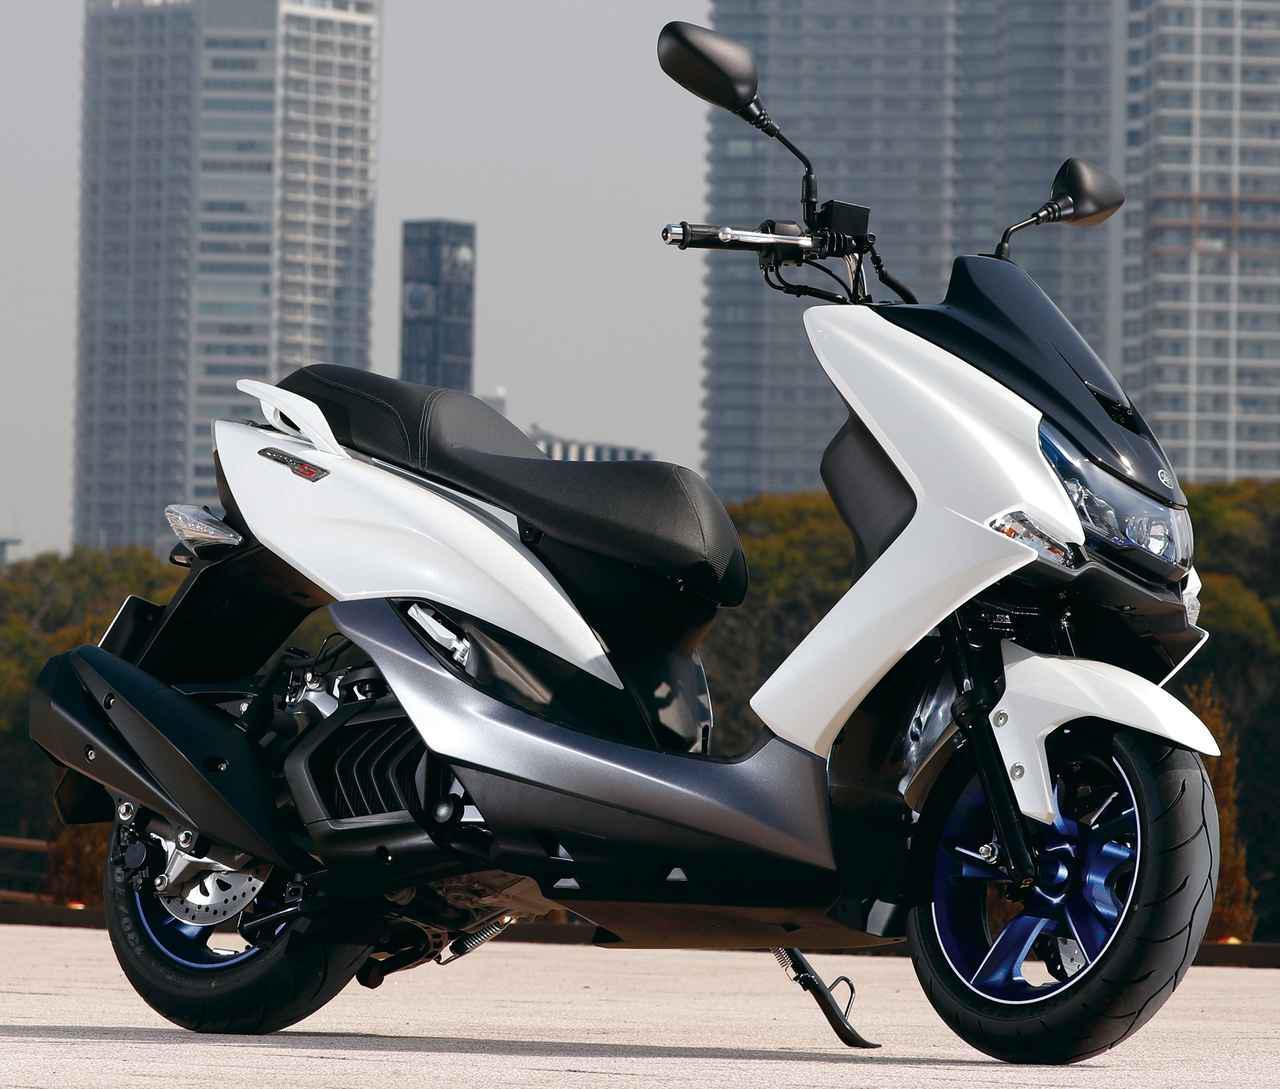 画像2: 【インプレ】ヤマハ「マジェスティS」(2021年)- webオートバイ